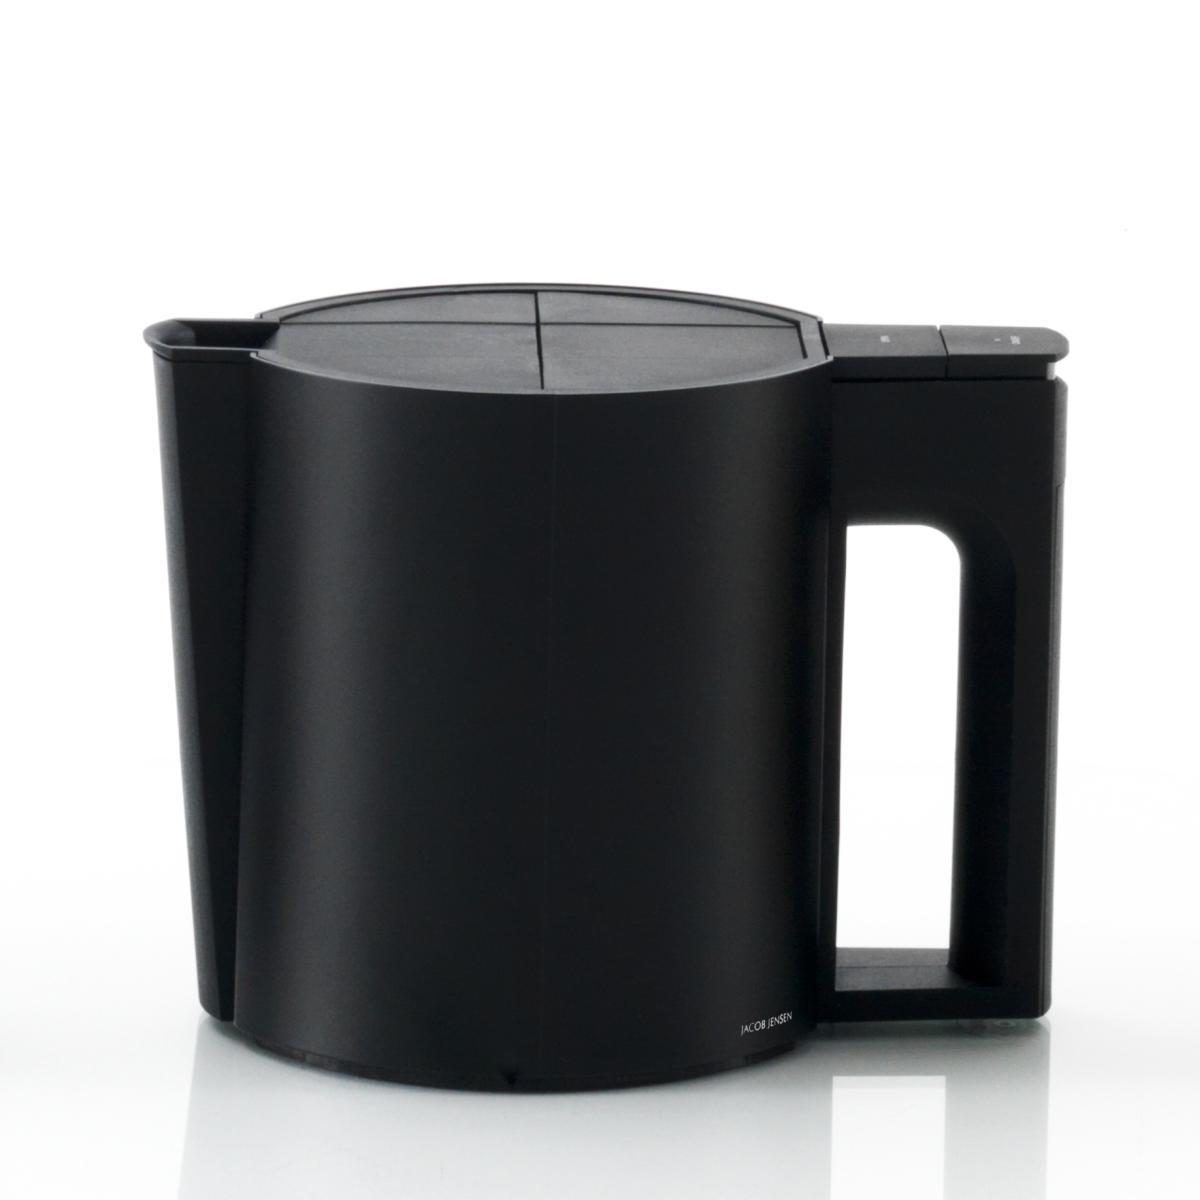 Wasserkocher schwarz Jacob Jensen 0,6 Liter